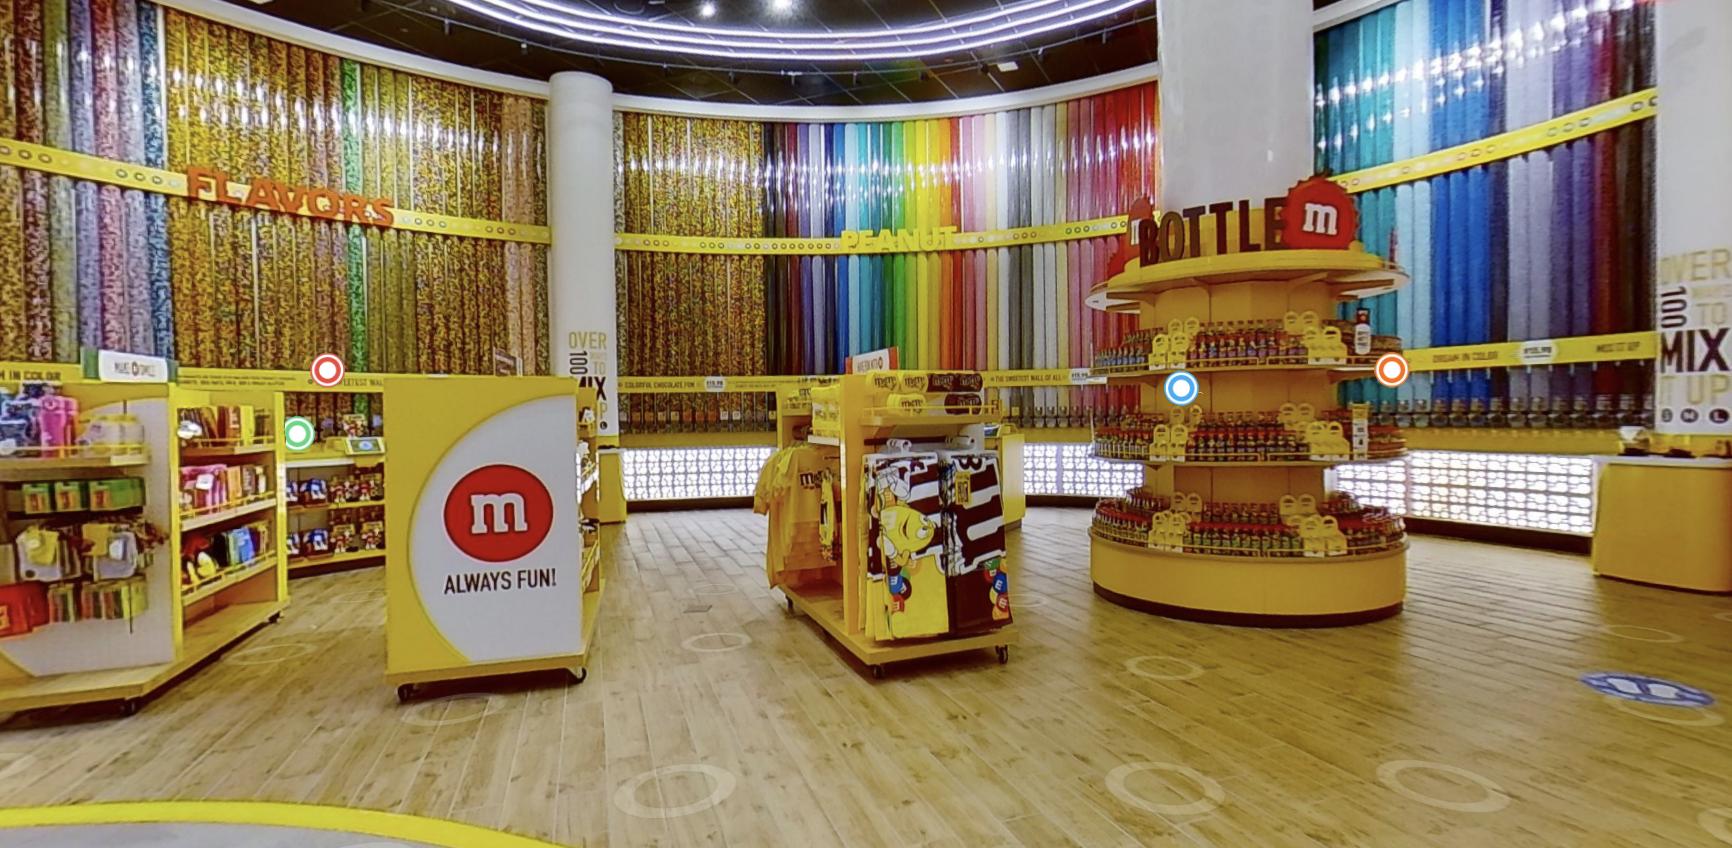 M&M virtual tour at Disney Springs